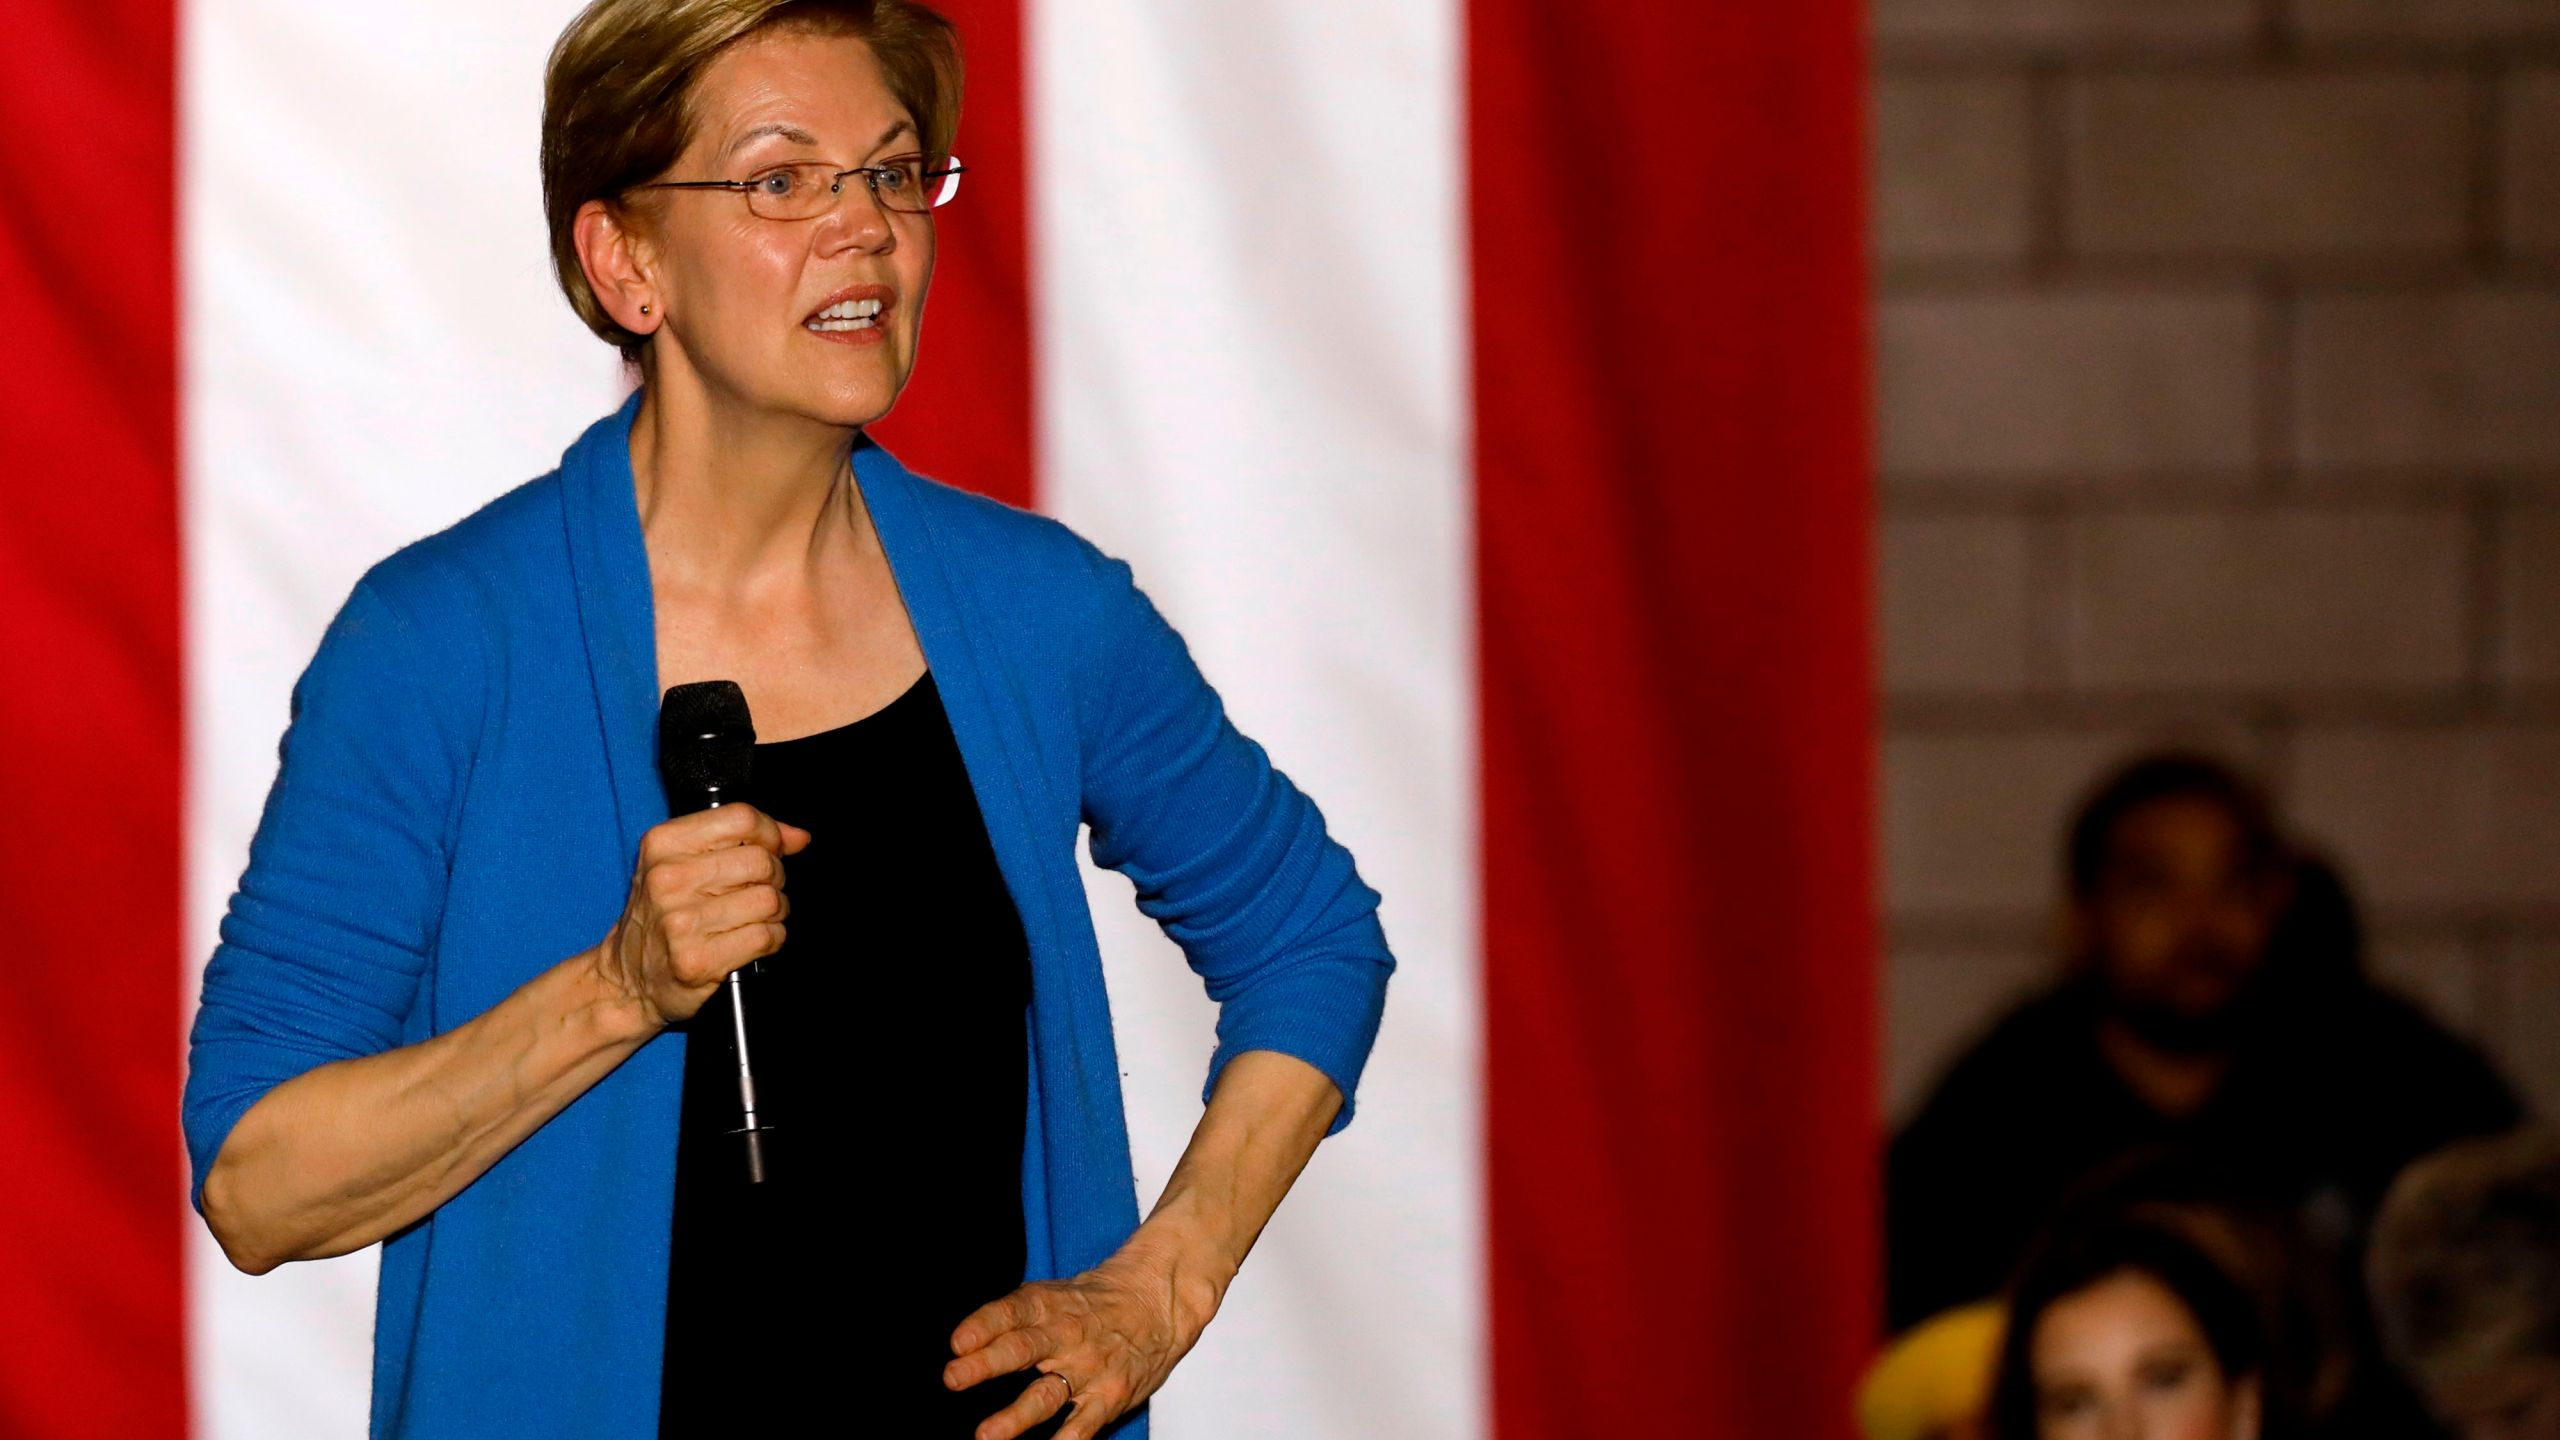 Democratic presidential hopeful Massachusetts Senator Elizabeth Warren